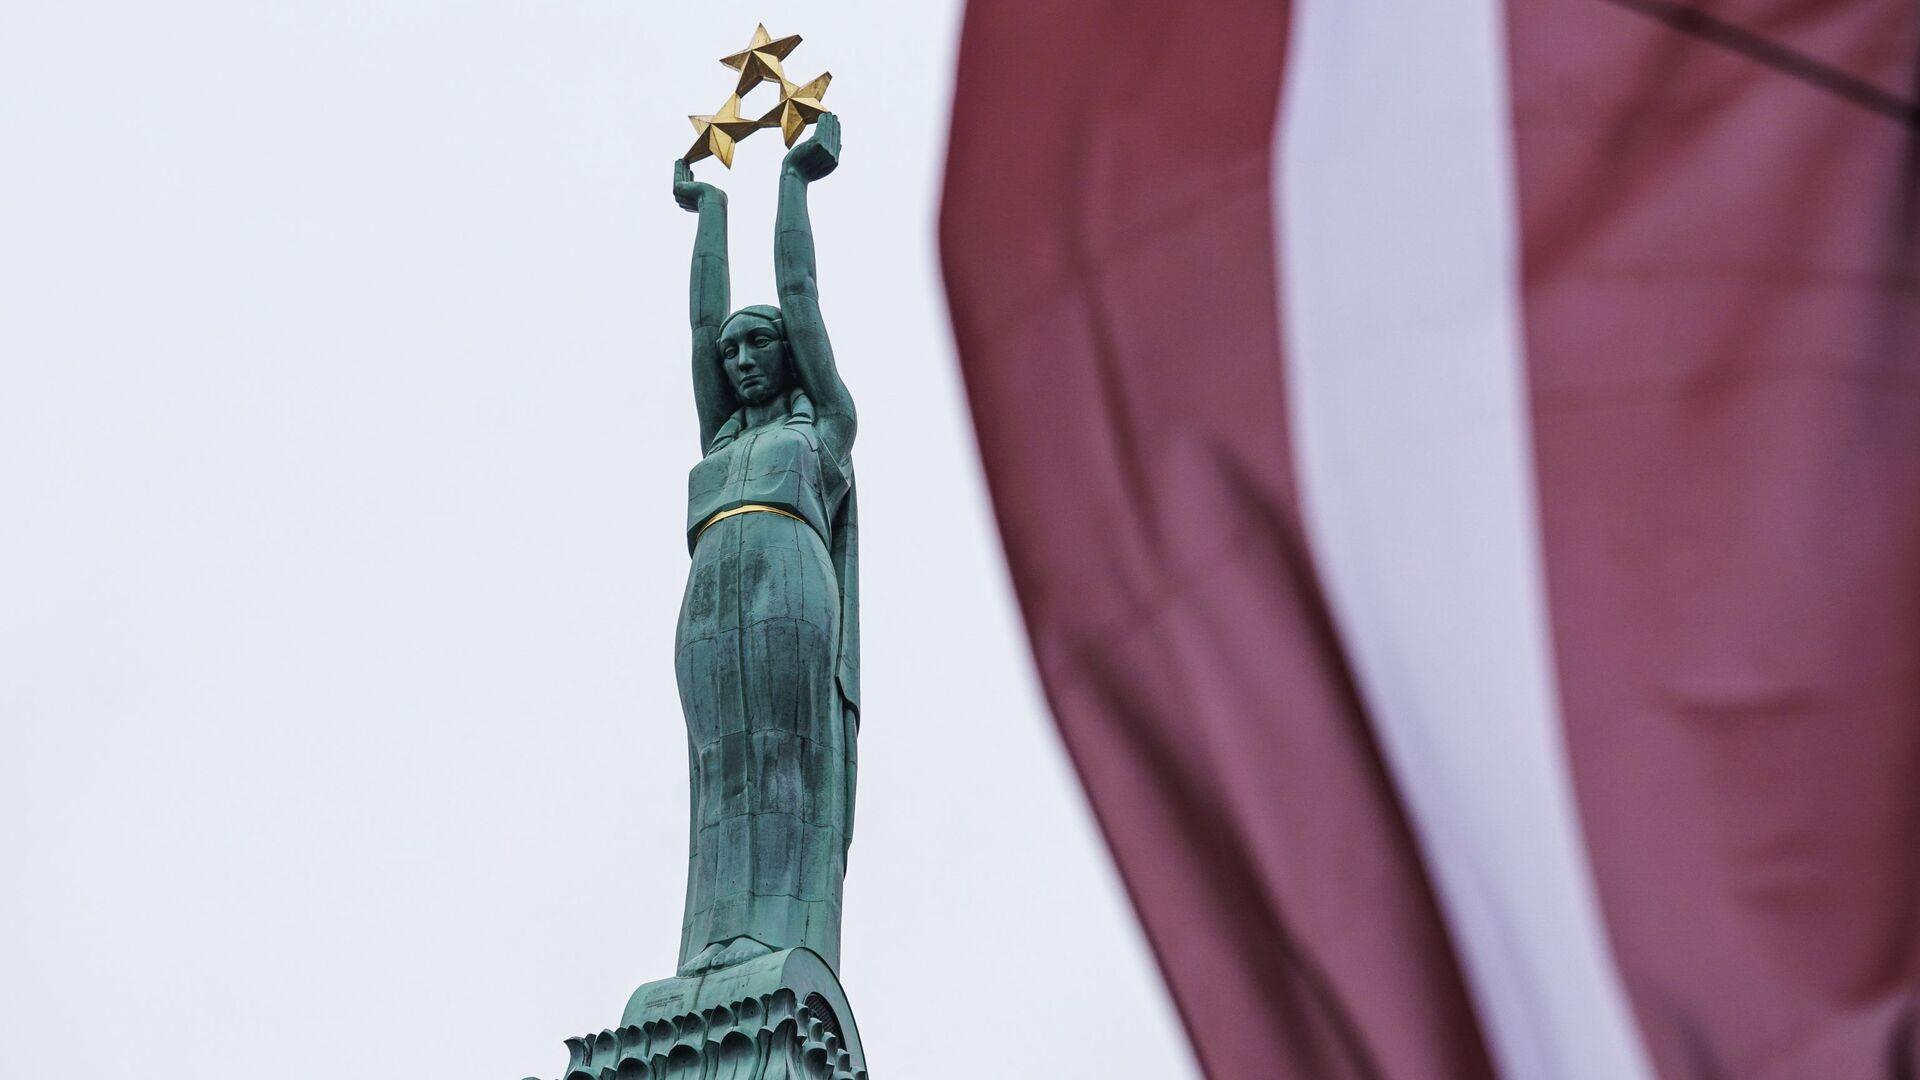 Празднование Дня независимости Латвии - Sputnik Латвия, 1920, 19.06.2021